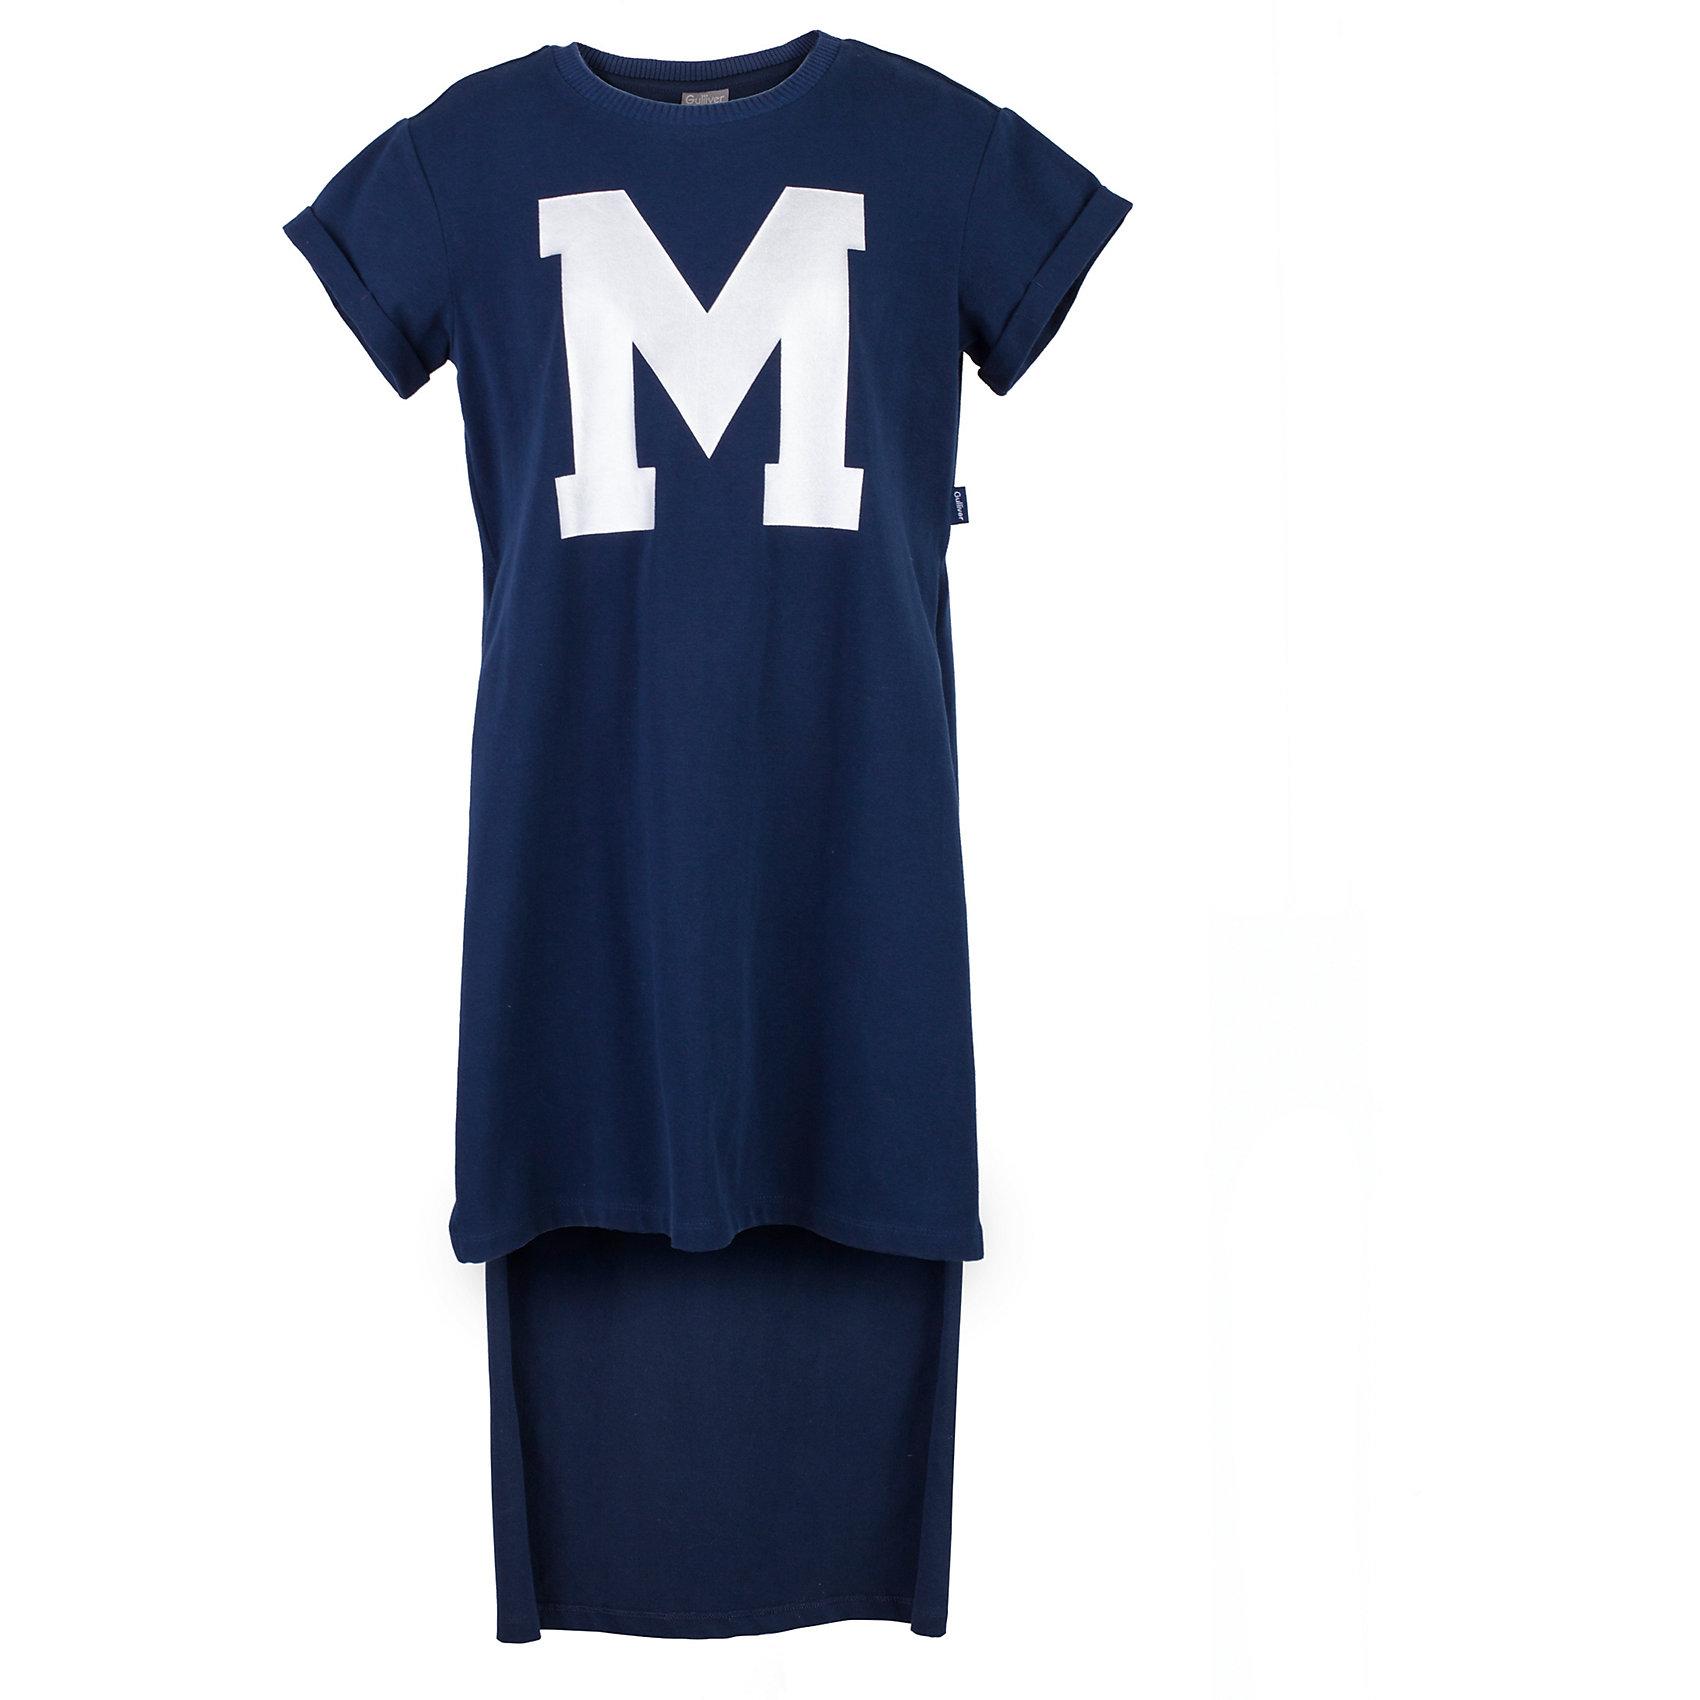 Футболка для девочки GulliverФутболки, поло и топы<br>Вкусовые предпочтения девочки-подростка предугадать не просто. Но дизайнеры Gulliver знают наверняка - девочка хочет быть в тренде! Коллекция Круиз отражает самые последние веяния моды, а футболка из этой коллекции - прекрасный образец модной футболки в спортивном стиле. Она выглядит ново, необычно, экстравагантно! Разная длина передней части и спинки и длинные разрезы подразумевают возможность носить эту удлиненную футболку и как самостоятельную вещь, в комплекте с любым низом, и как второй слой, сочетая с майкой, белыми брюками или шортами. Если вам наскучили базовые вещи и вы хотите сделать летний гардероб ребенка оригинальным, модным, интересным, вам стоит купить футболку из коллекции Круиз и она наполнит лето новыми красками.<br>Состав:<br>95% хлопок      5% эластан<br><br>Ширина мм: 199<br>Глубина мм: 10<br>Высота мм: 161<br>Вес г: 151<br>Цвет: синий<br>Возраст от месяцев: 156<br>Возраст до месяцев: 168<br>Пол: Женский<br>Возраст: Детский<br>Размер: 164,146,152,158<br>SKU: 5483045